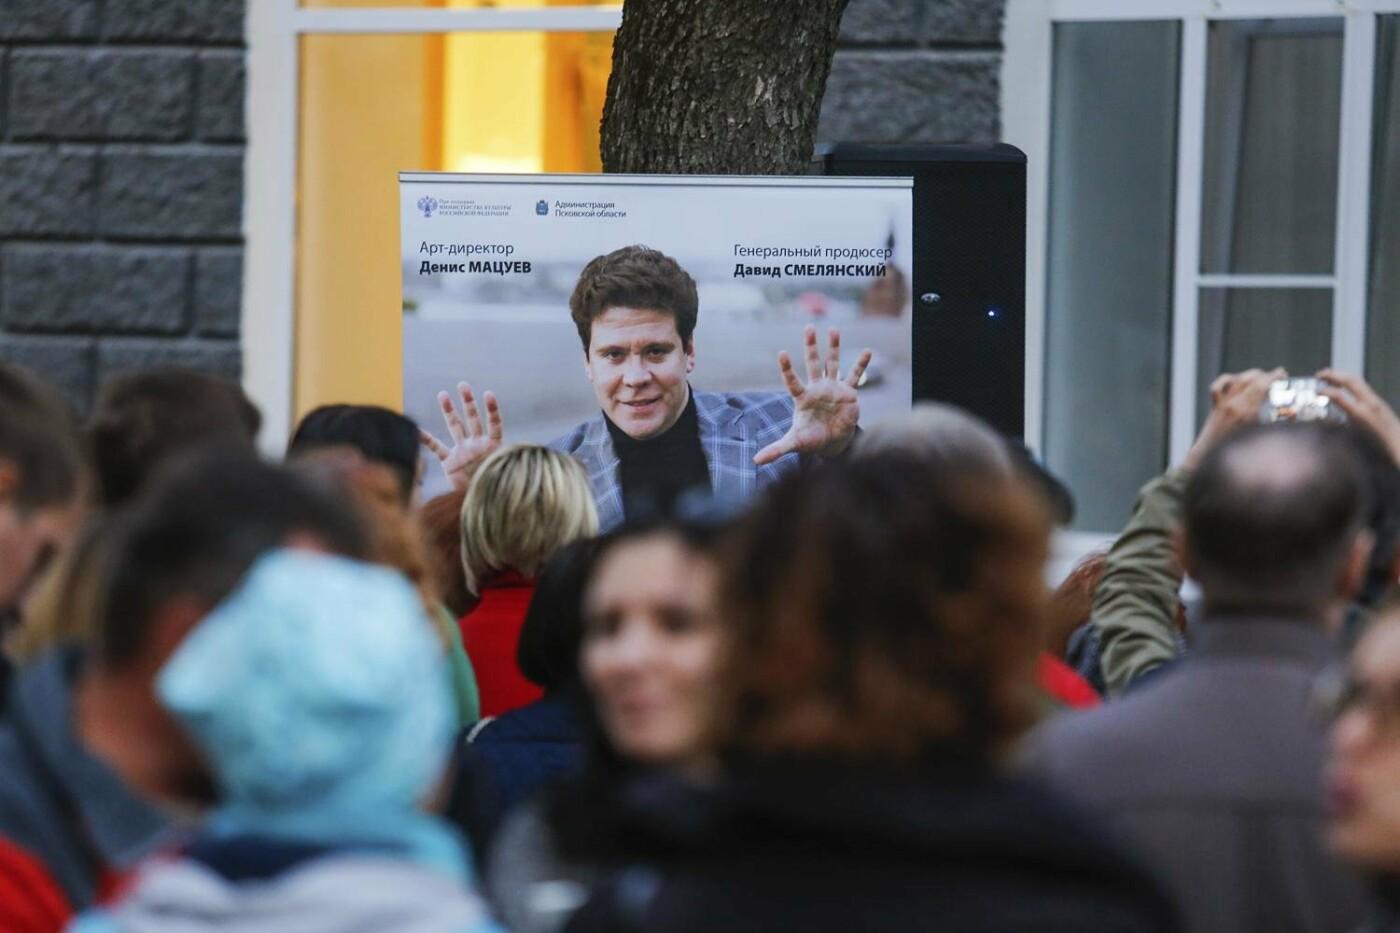 Вчера в Пскове прошел первый мини-концерт перед фестивалем Crescendo, фото-2